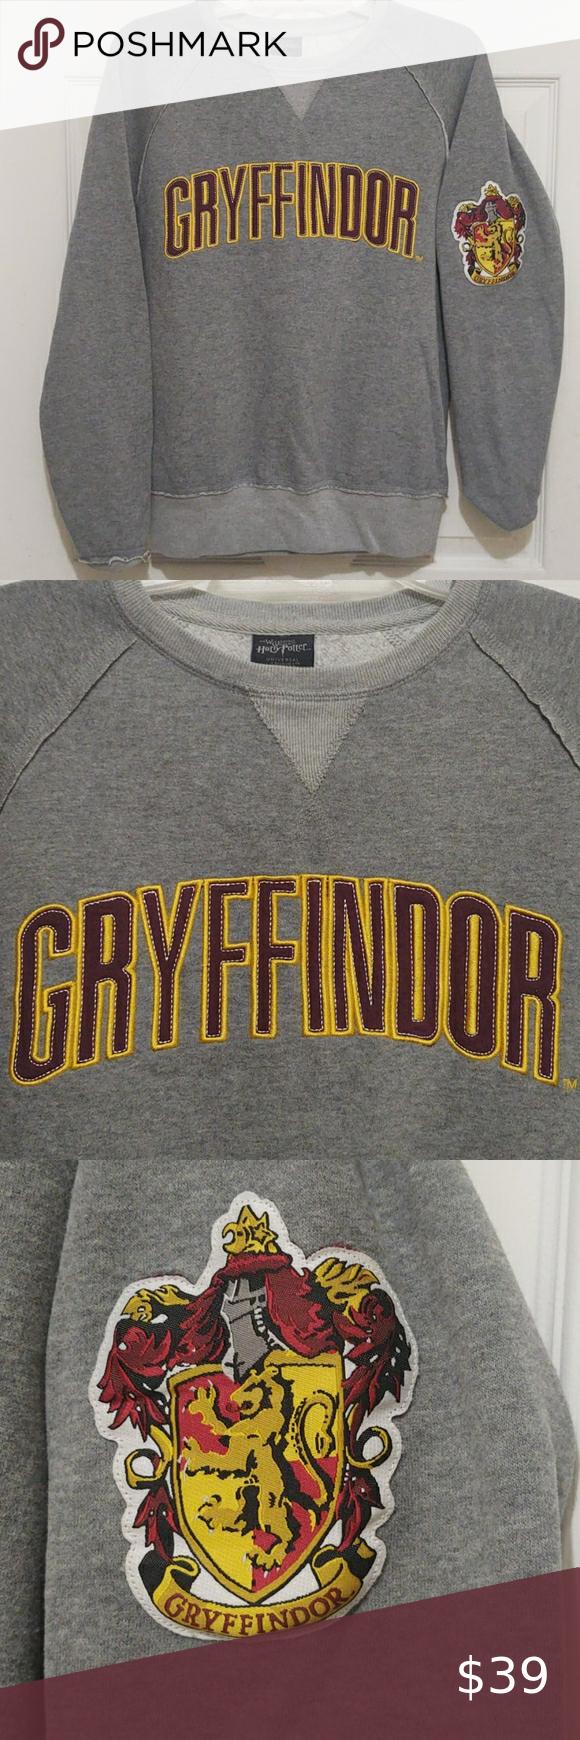 Harry Potter Gryffindor Crew Neck Sweatshirt Crew Neck Sweatshirt Sweatshirts Harry Potter Gryffindor [ 1740 x 580 Pixel ]